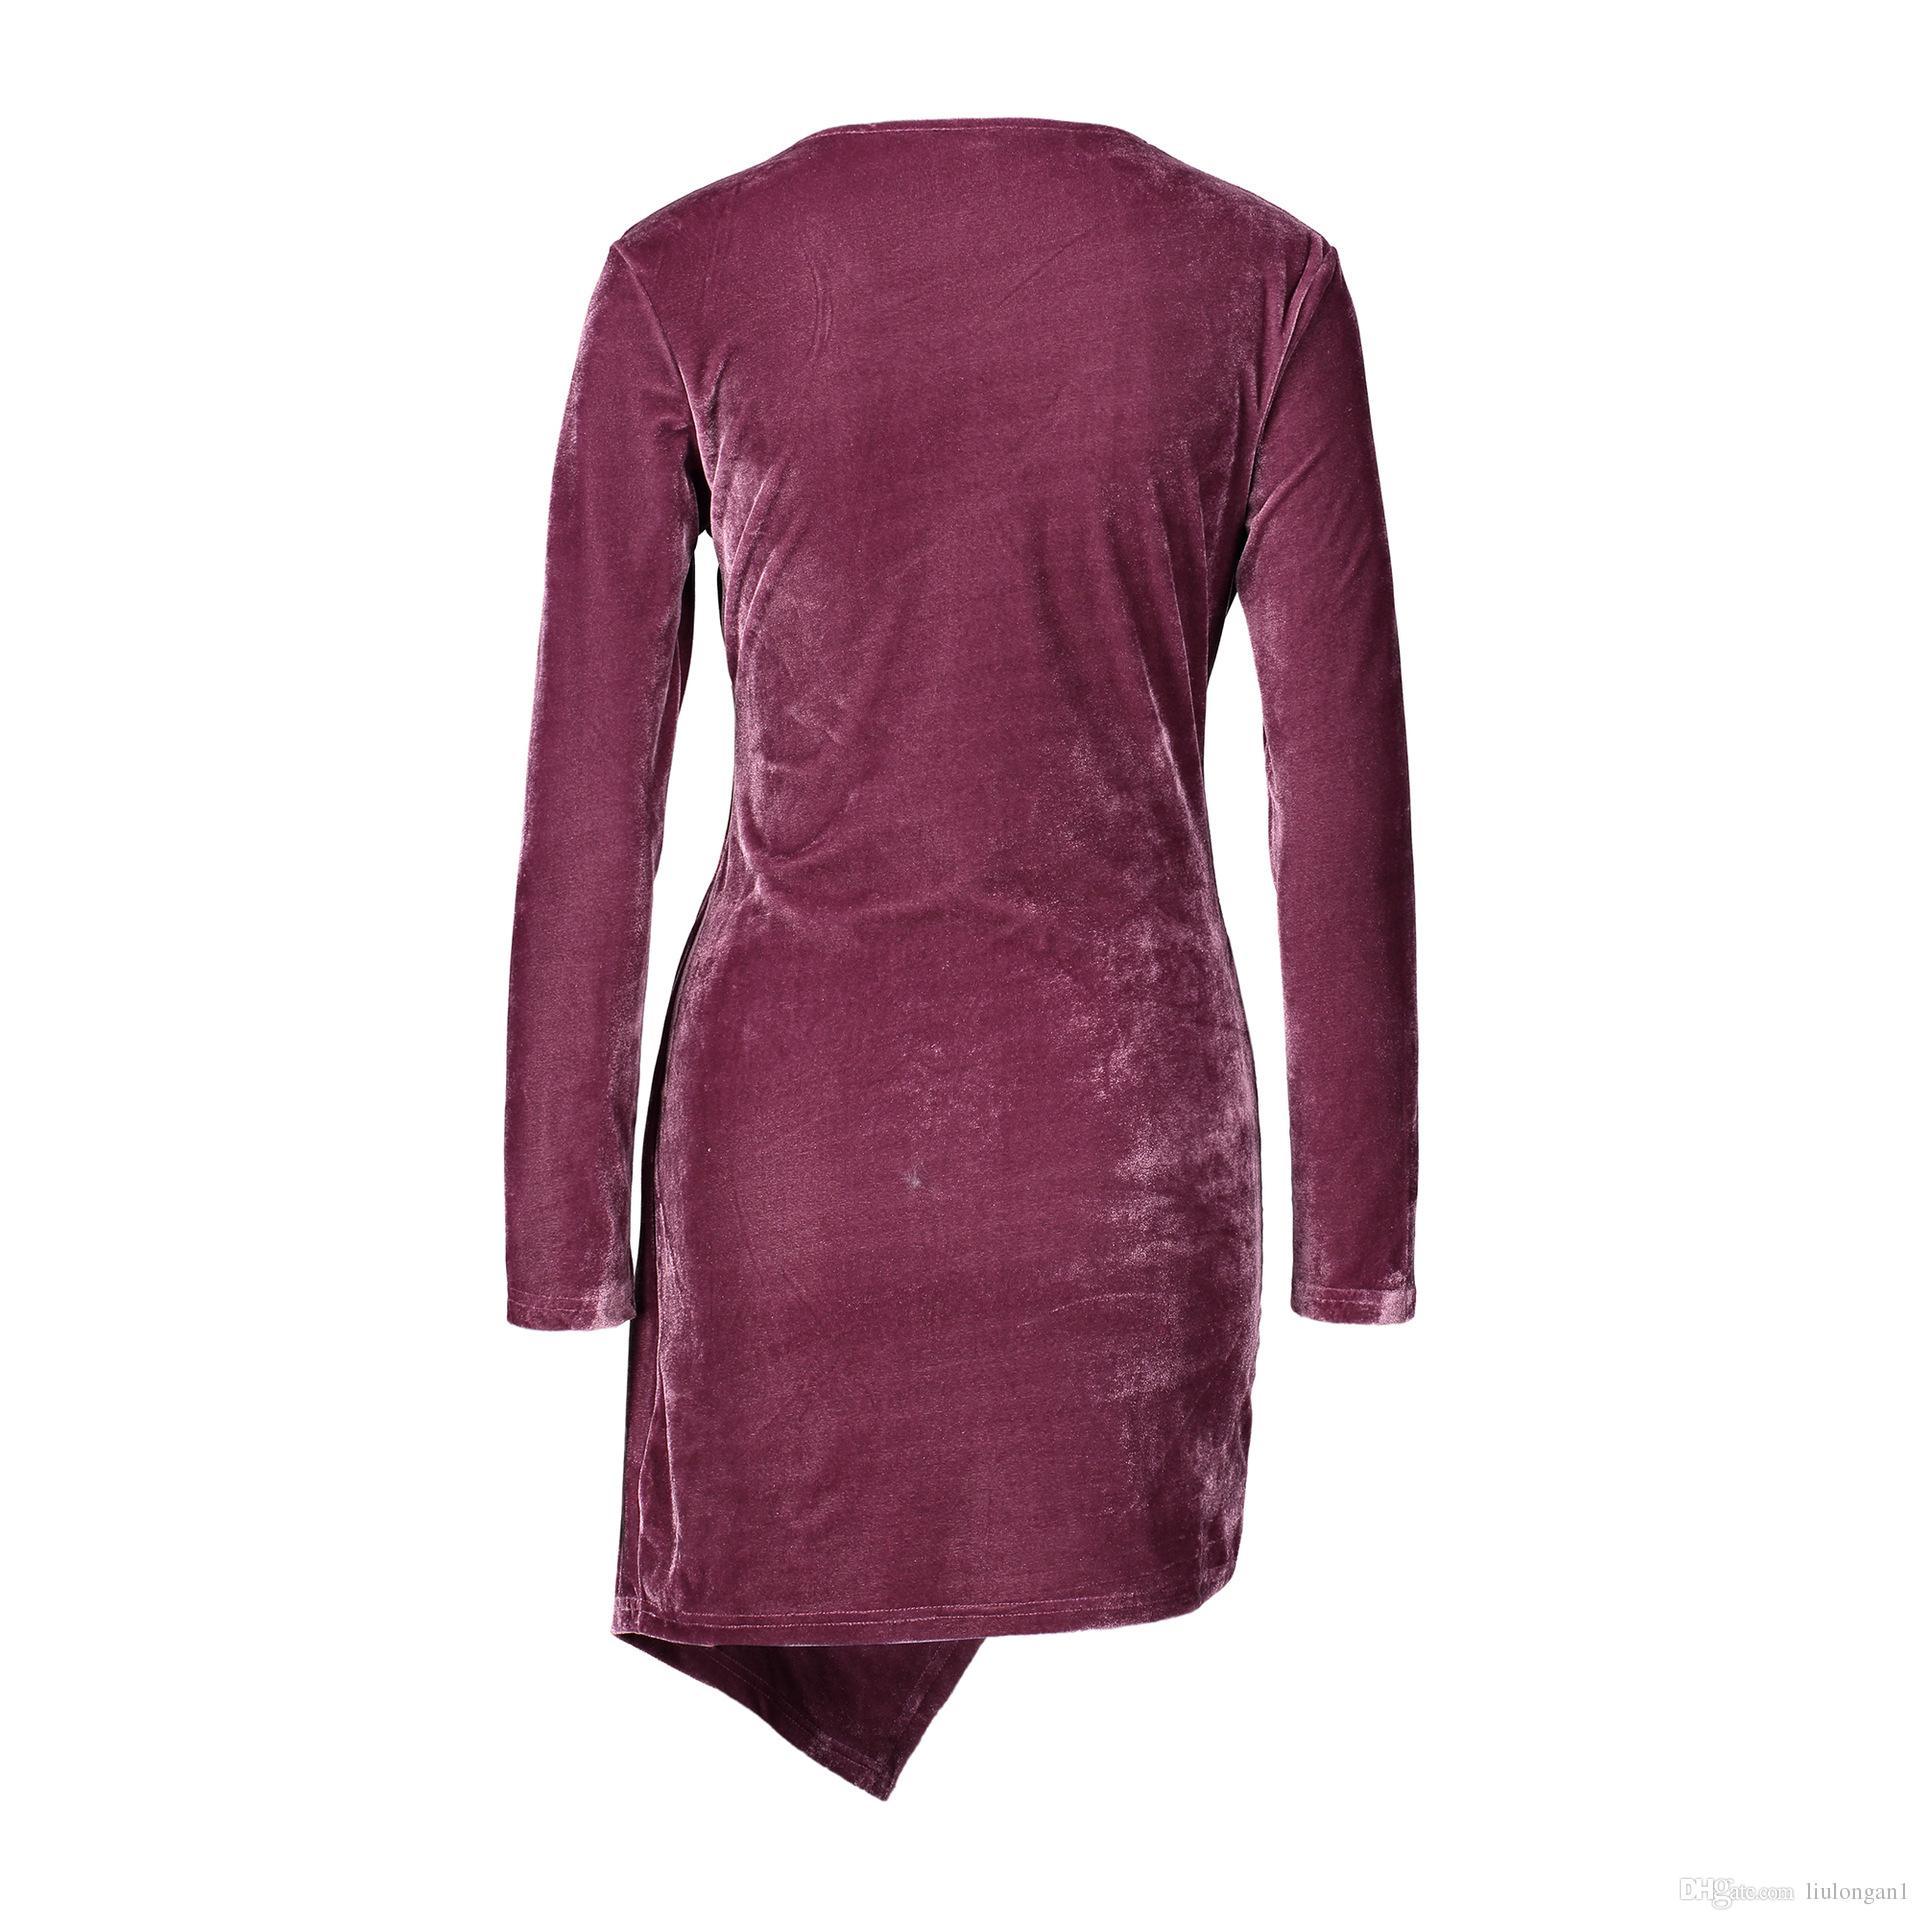 Партия Bodycon тонкий сексуальный бархат платье женщины 2018 весна осень зима с длинным рукавом V шеи черное платье халат femme